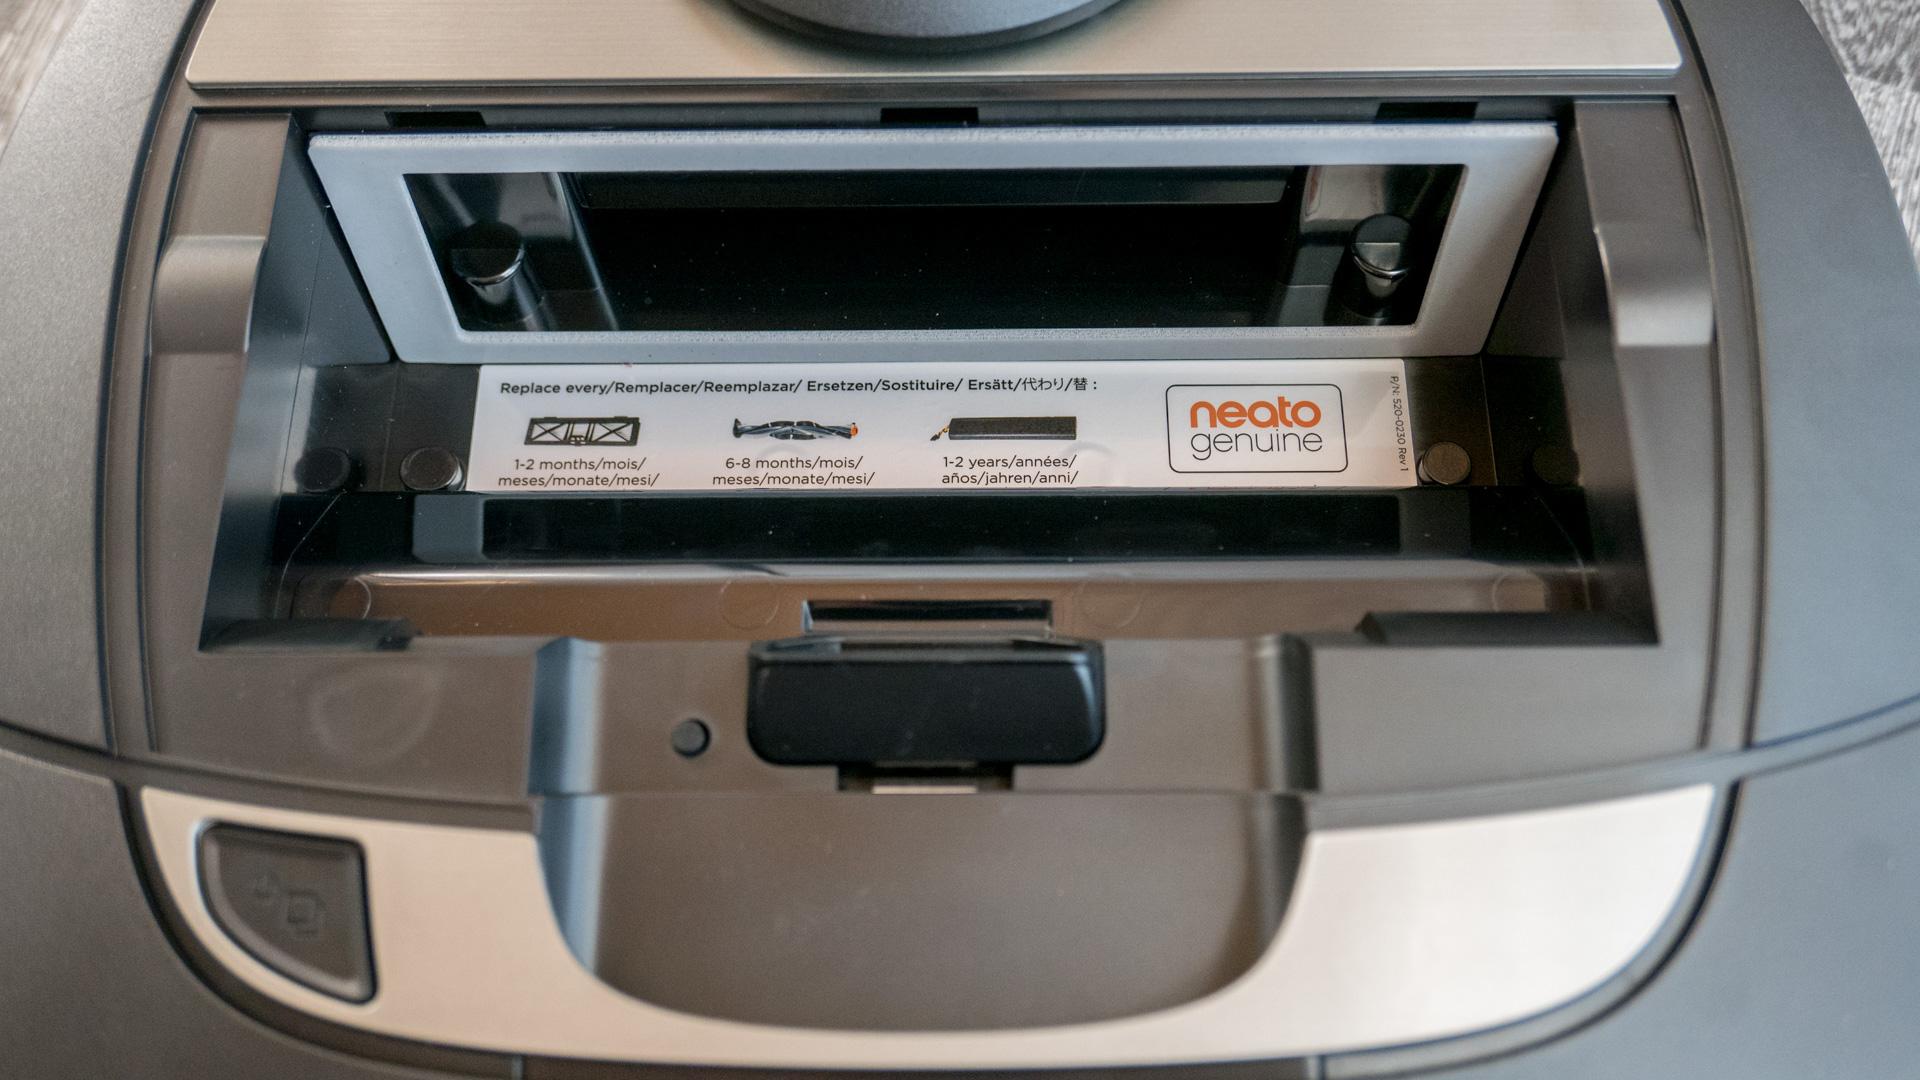 Neato Botvac D7 Staubbehälter 02